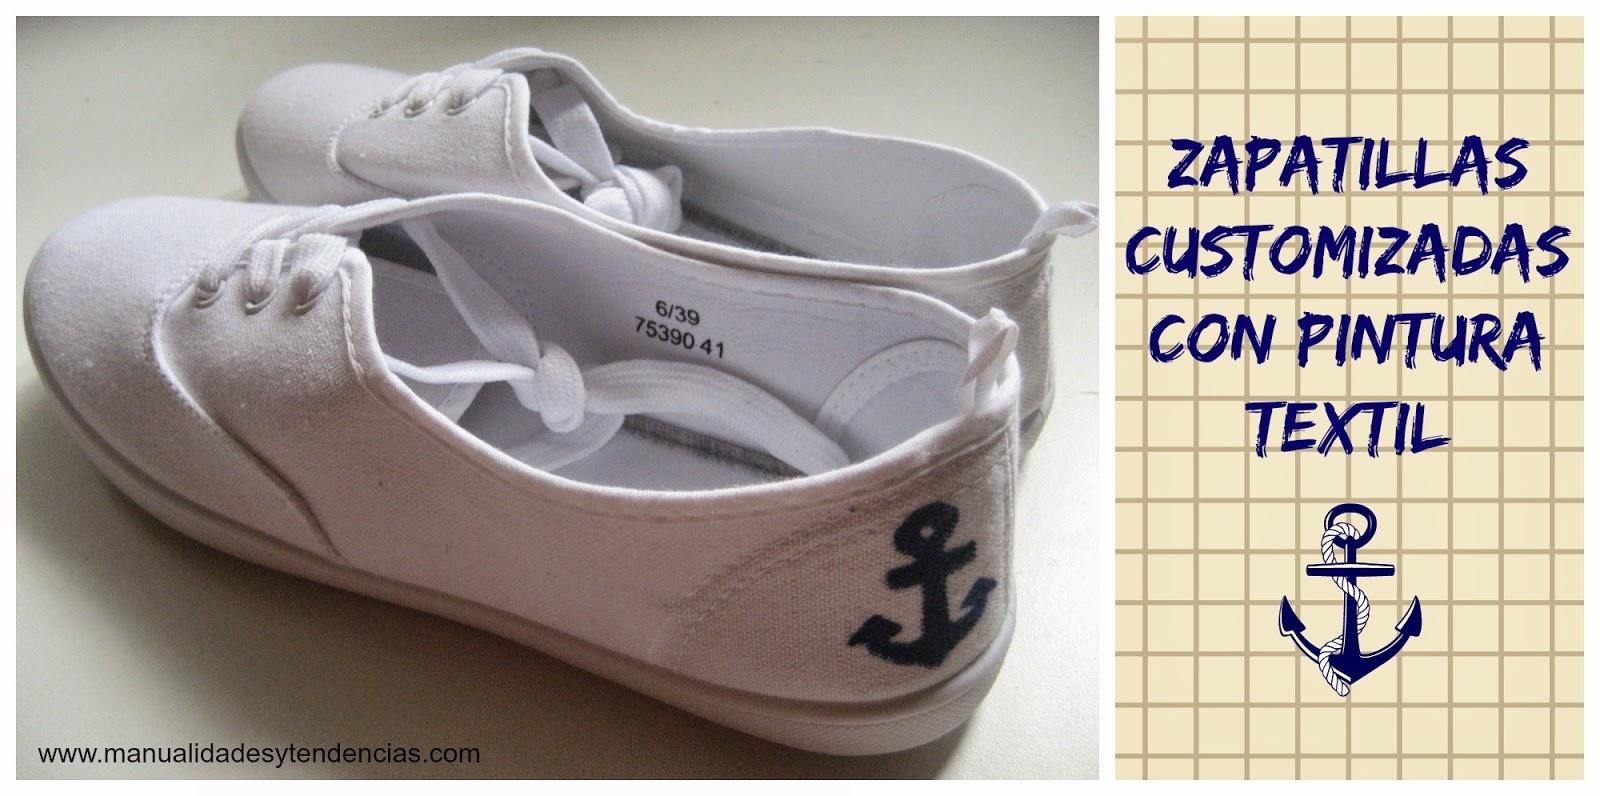 tutorial zapatillas pintadas con pintura textil / customized shoes